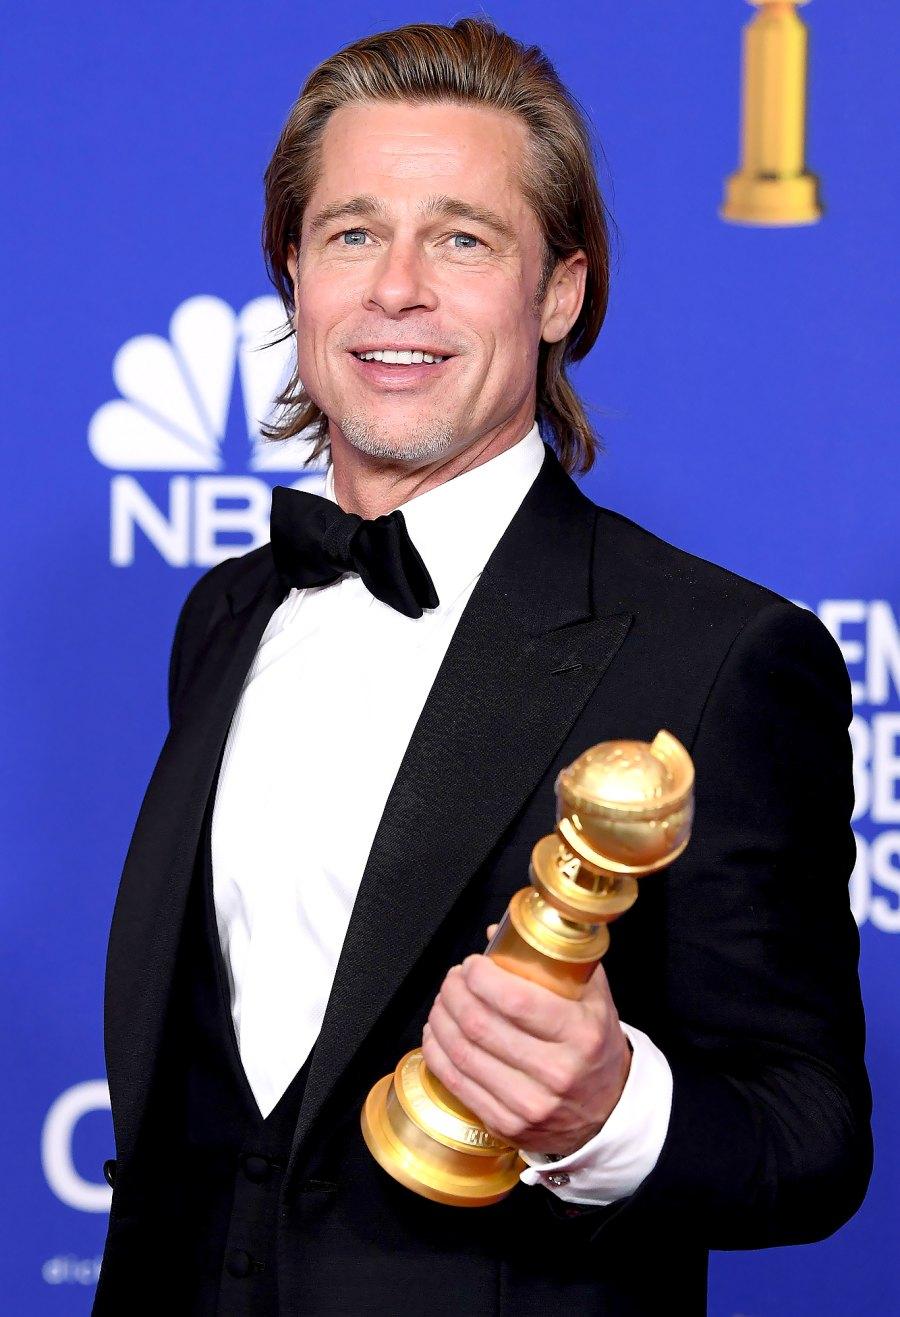 Brad Pitt Golden Globes 2020